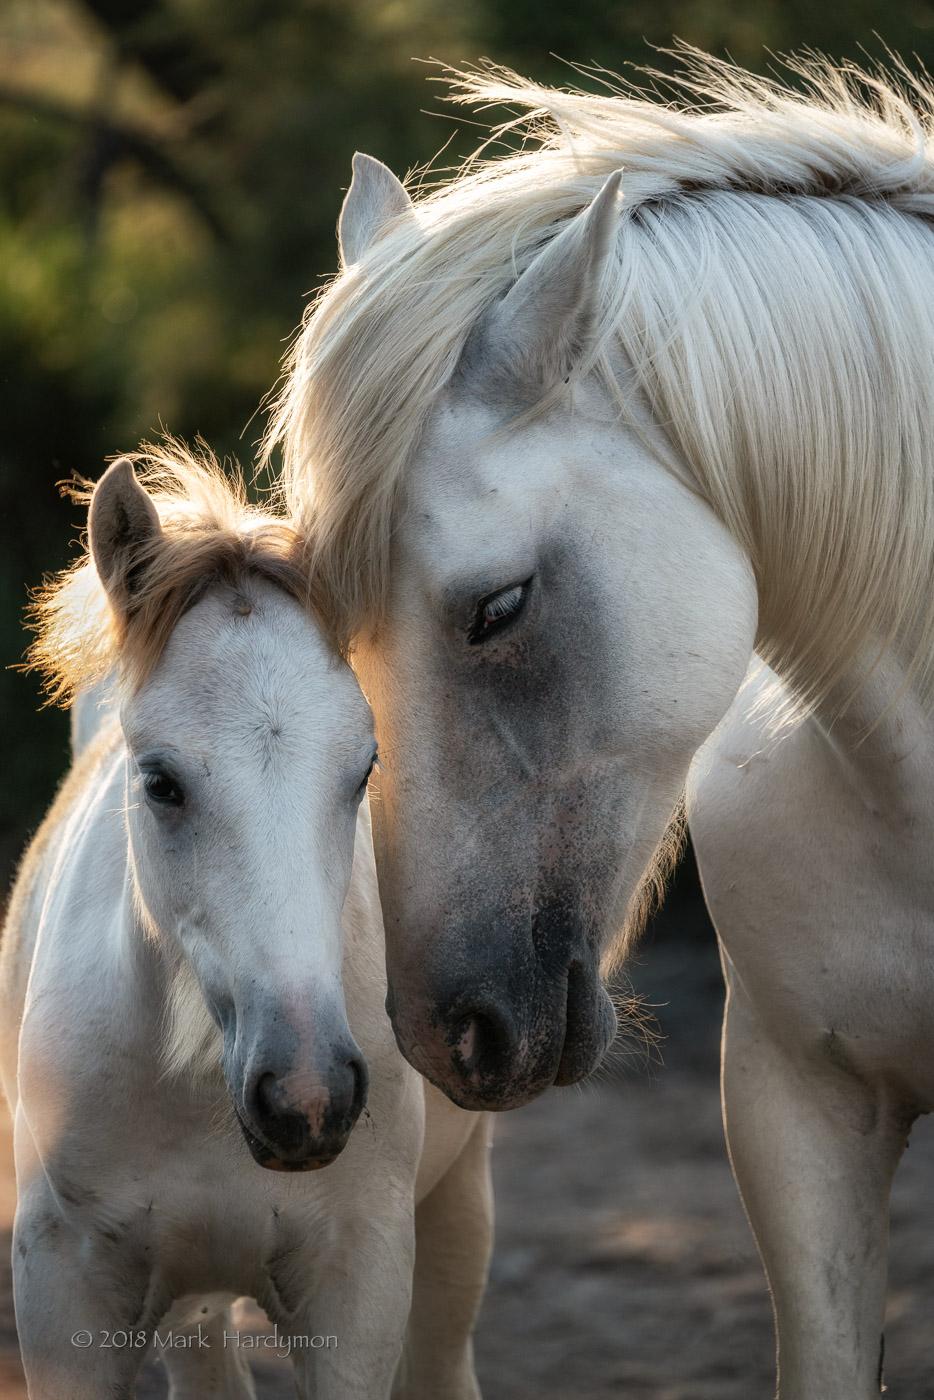 horses_bulls-8052-Edit.jpg